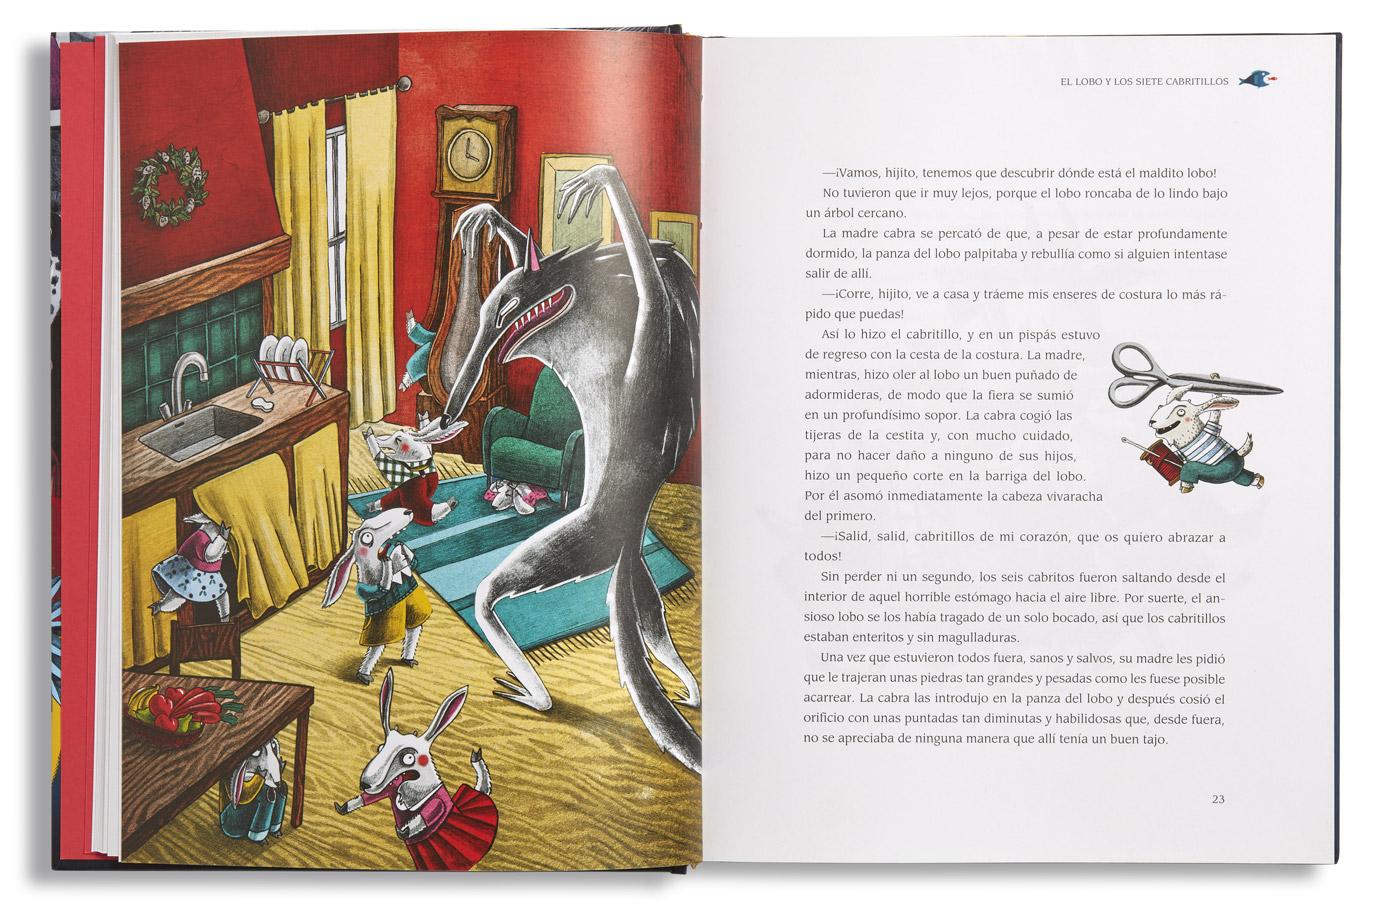 50 cuentos para entendernos mejor | Literatura | Edelvives Internacional